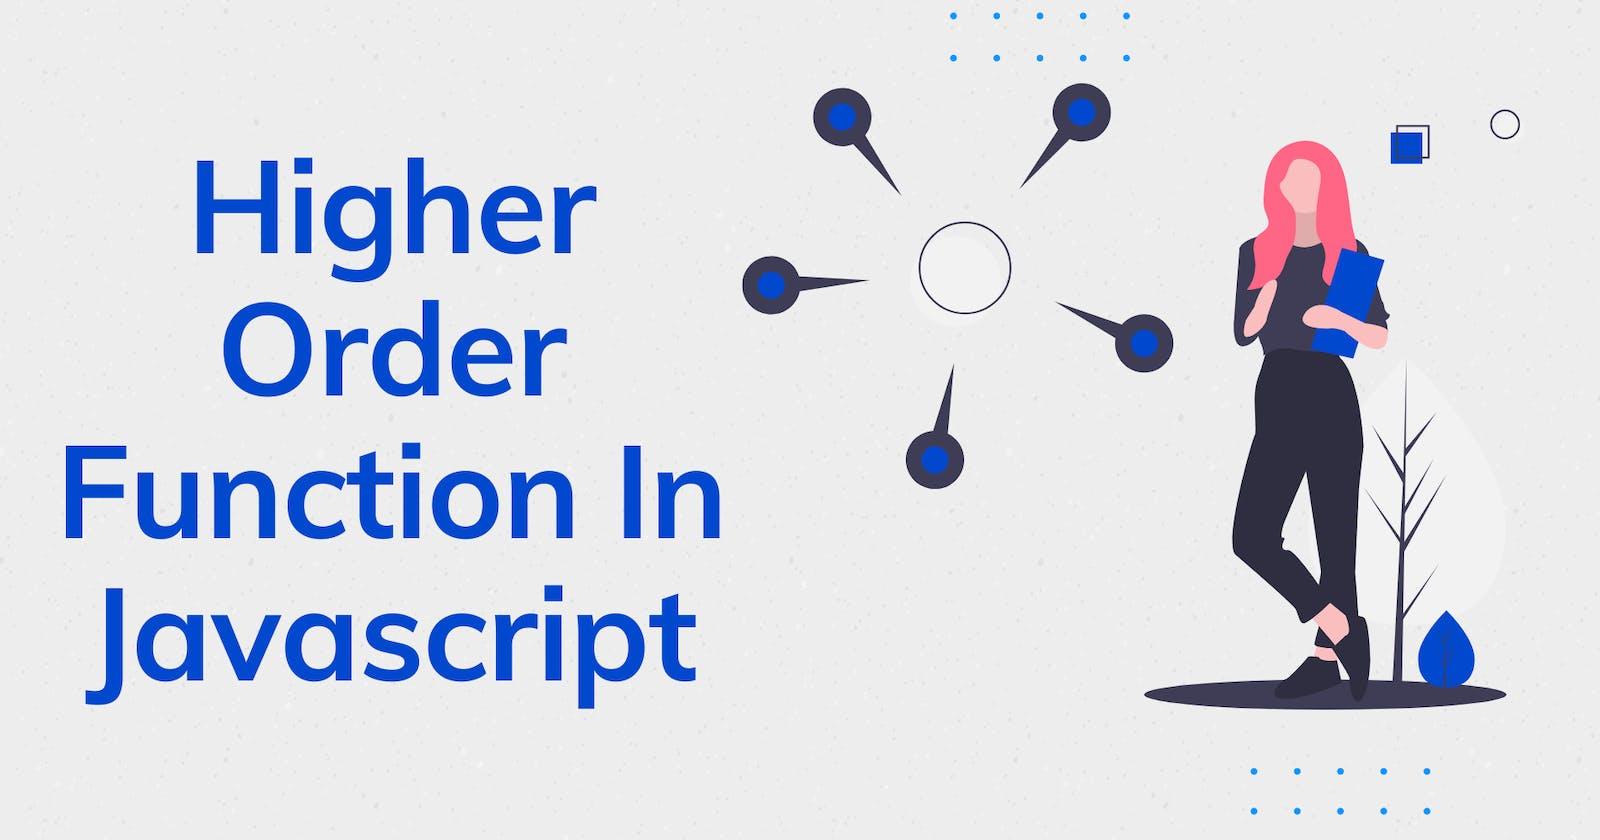 Higher-Order Functions In Javascript